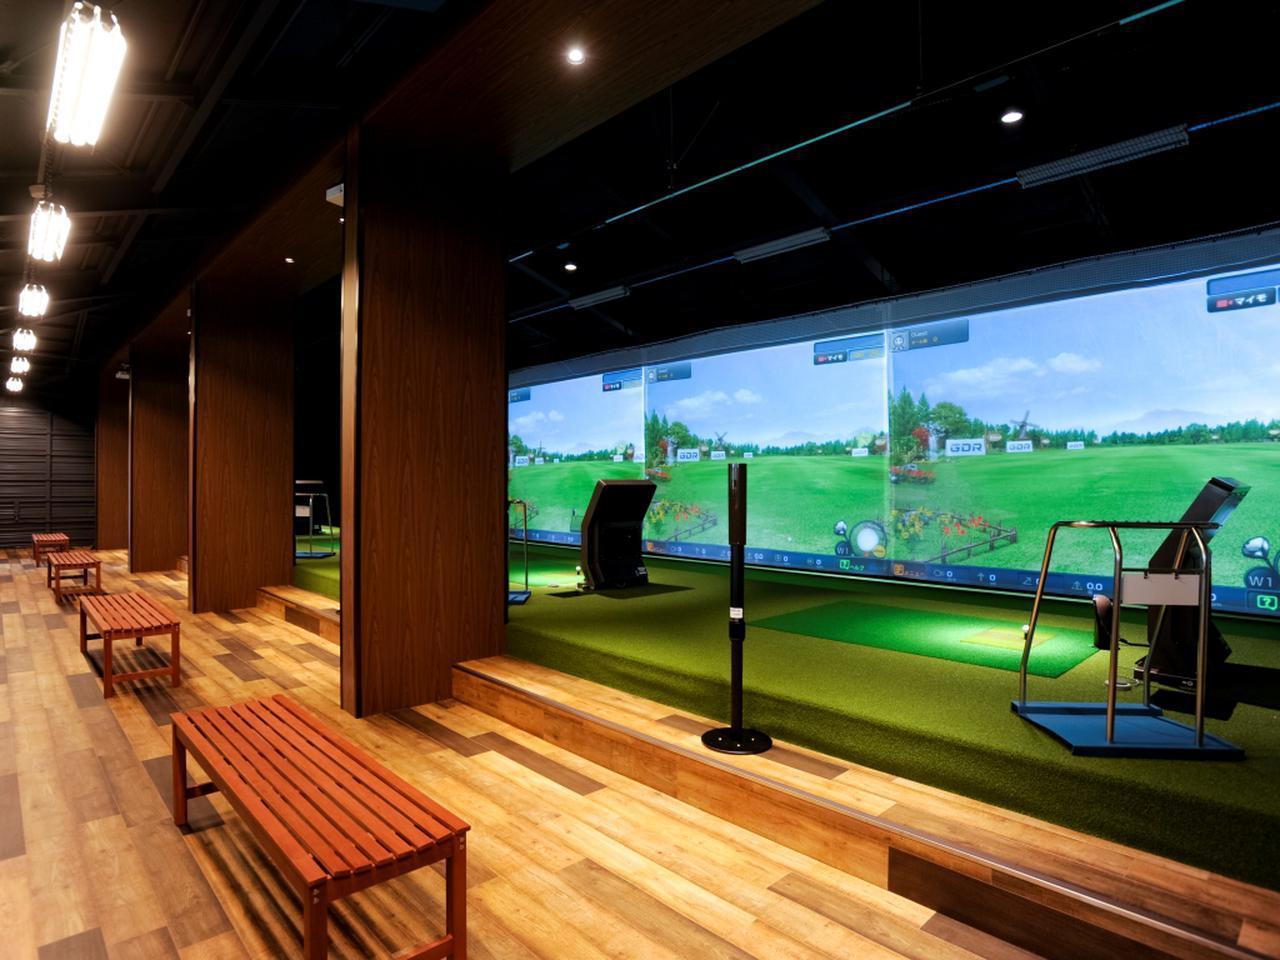 画像: 最新機器によるシミュレーションゴルフ(5打席)